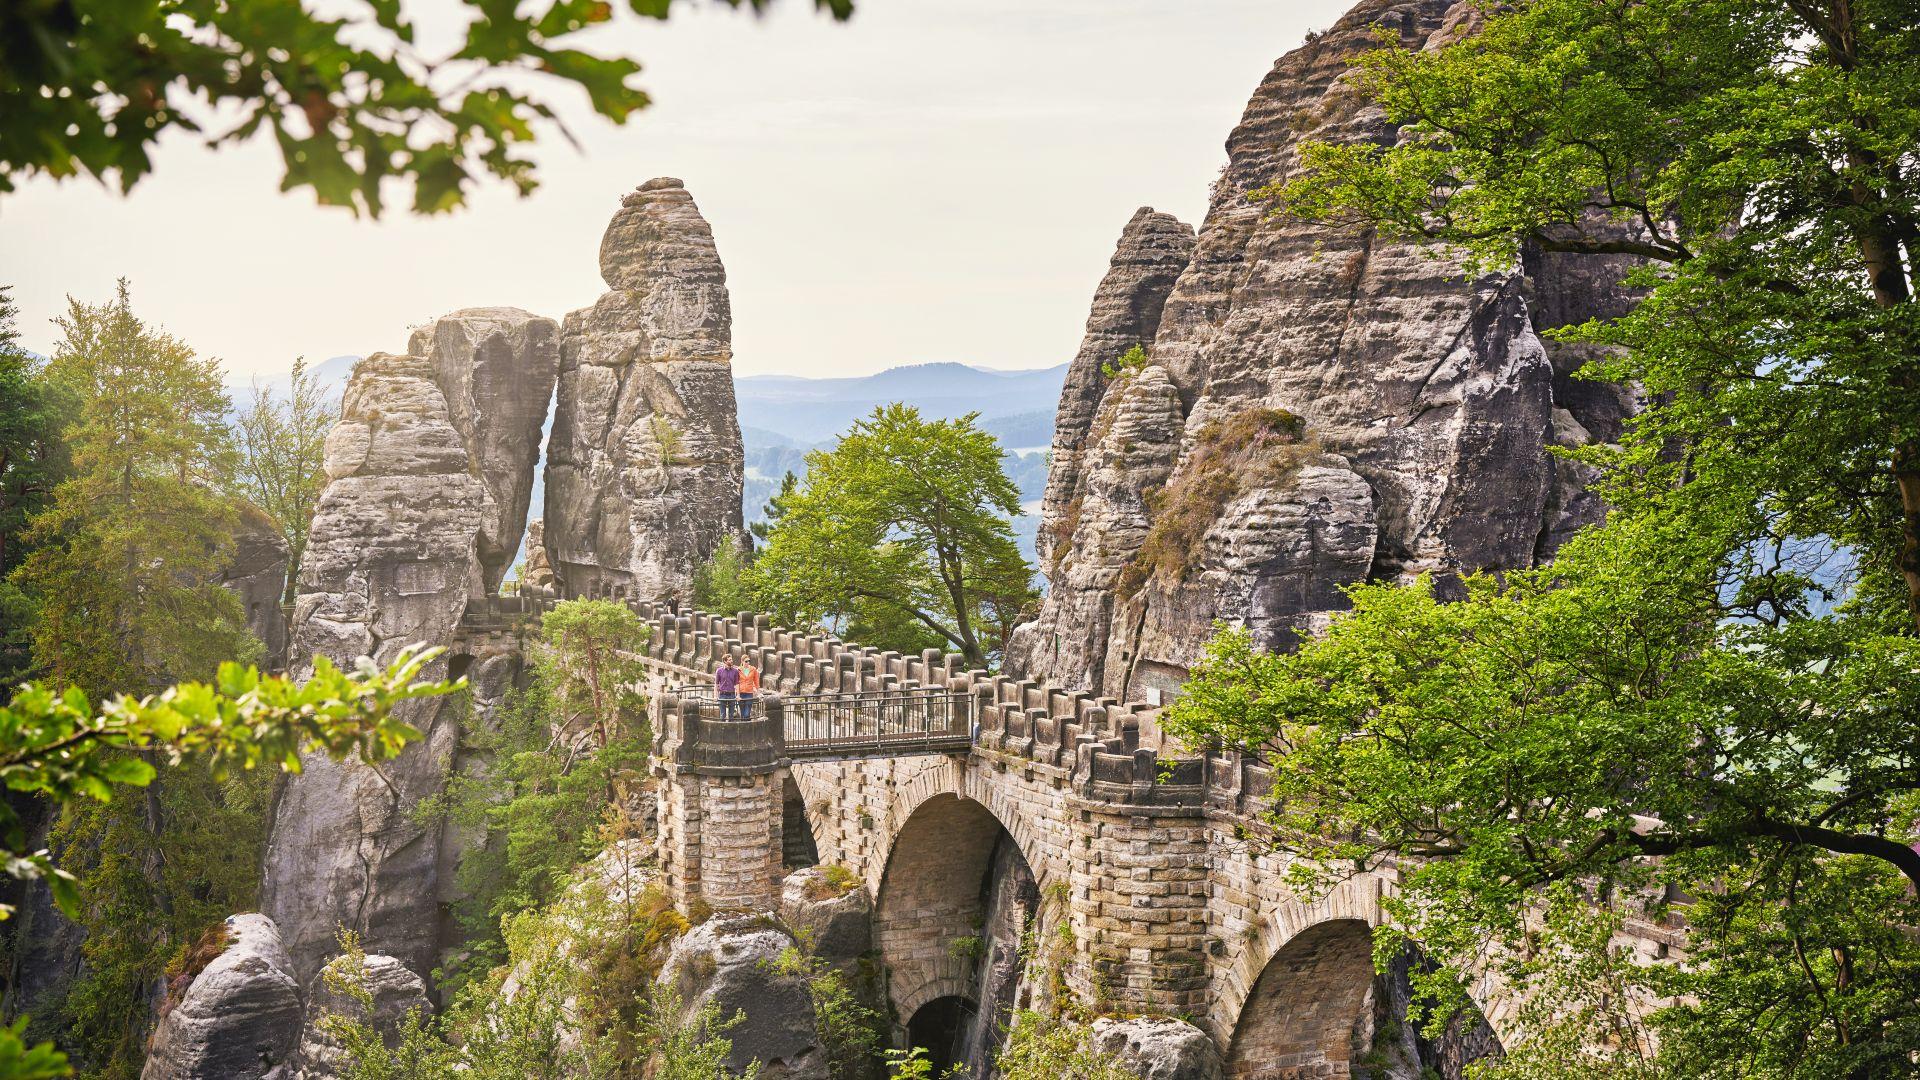 Saxon Switzerland: Hiking in the Elbsanstein Mountains